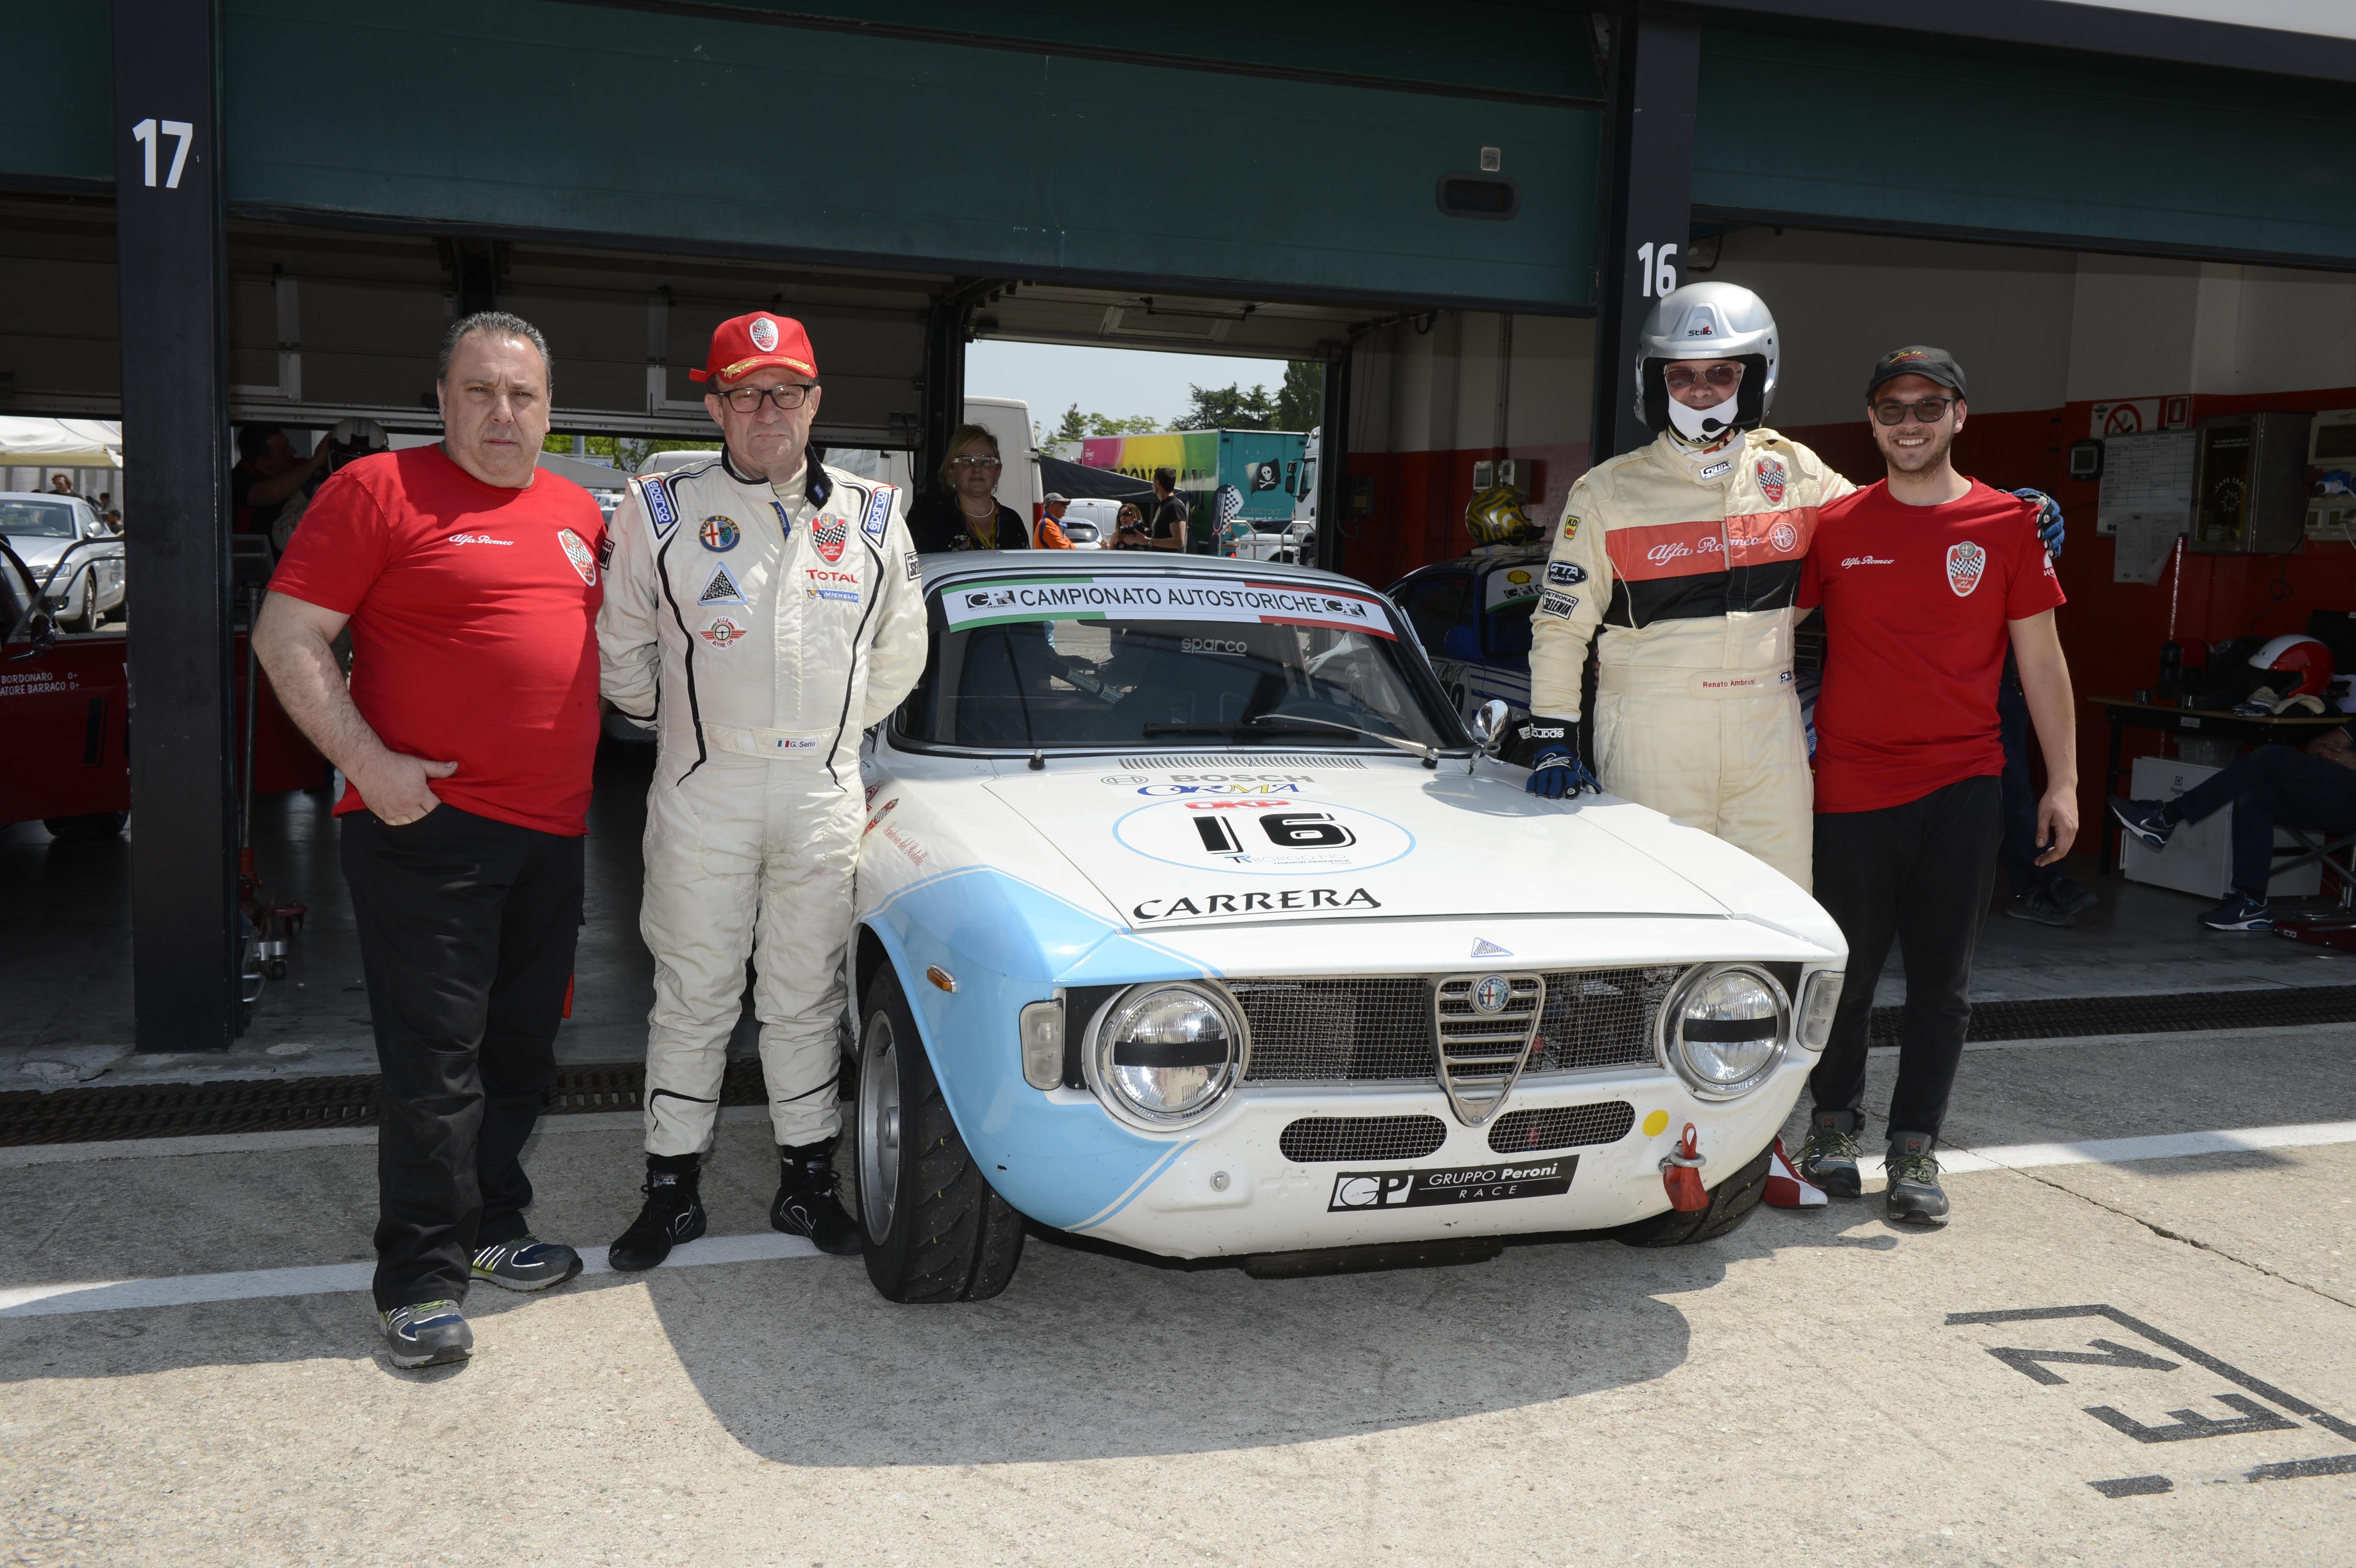 Misano 2018, Campionato Italiano Autostoriche: i soci Giovanni Serio e Renato Ambrosi con Giulia Sprint GTA 1600.